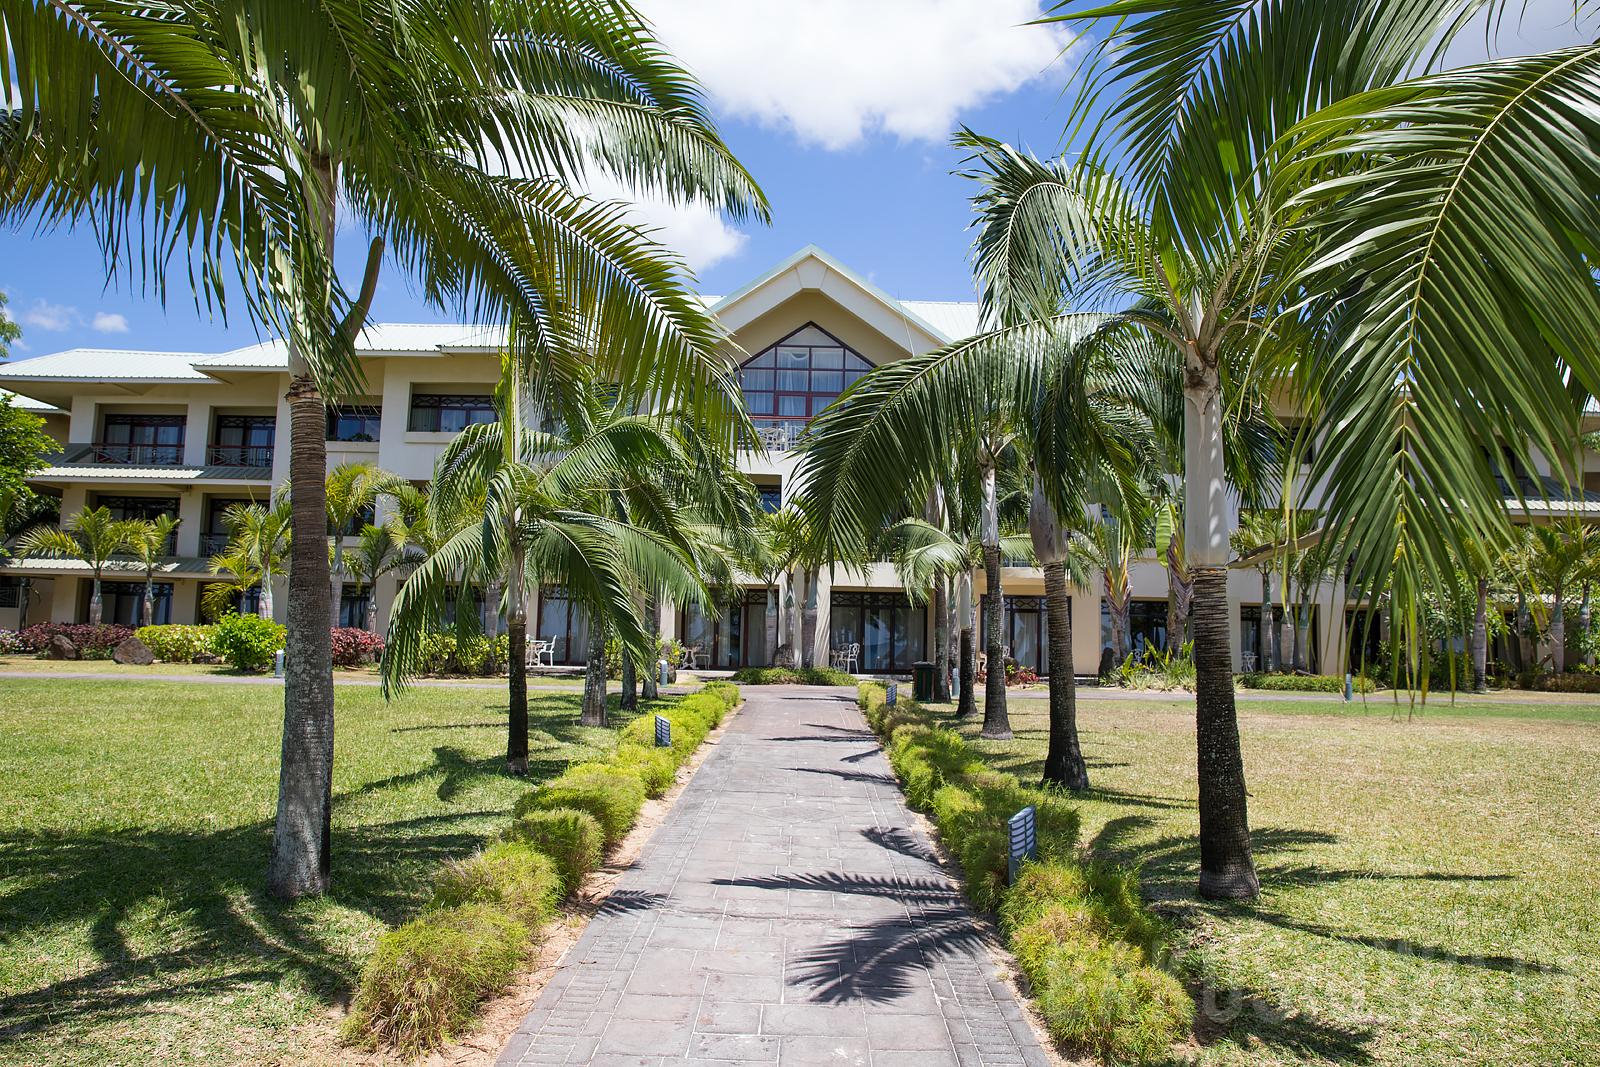 mauritius-le-meridien-photos-29